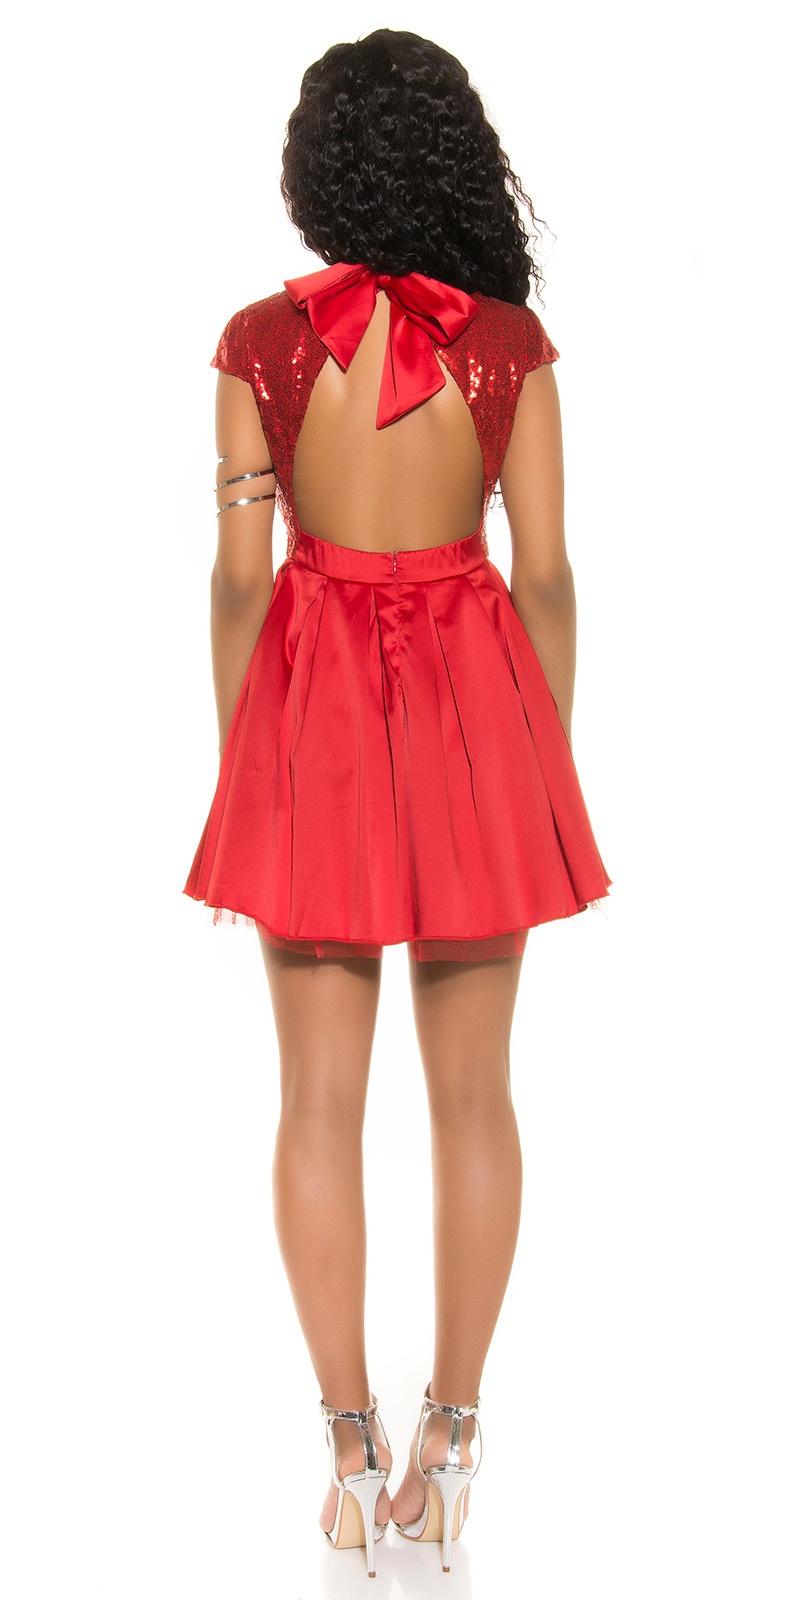 MB197] Czerwona sukienka rozkloszowana bez pleców :: Deme.pl